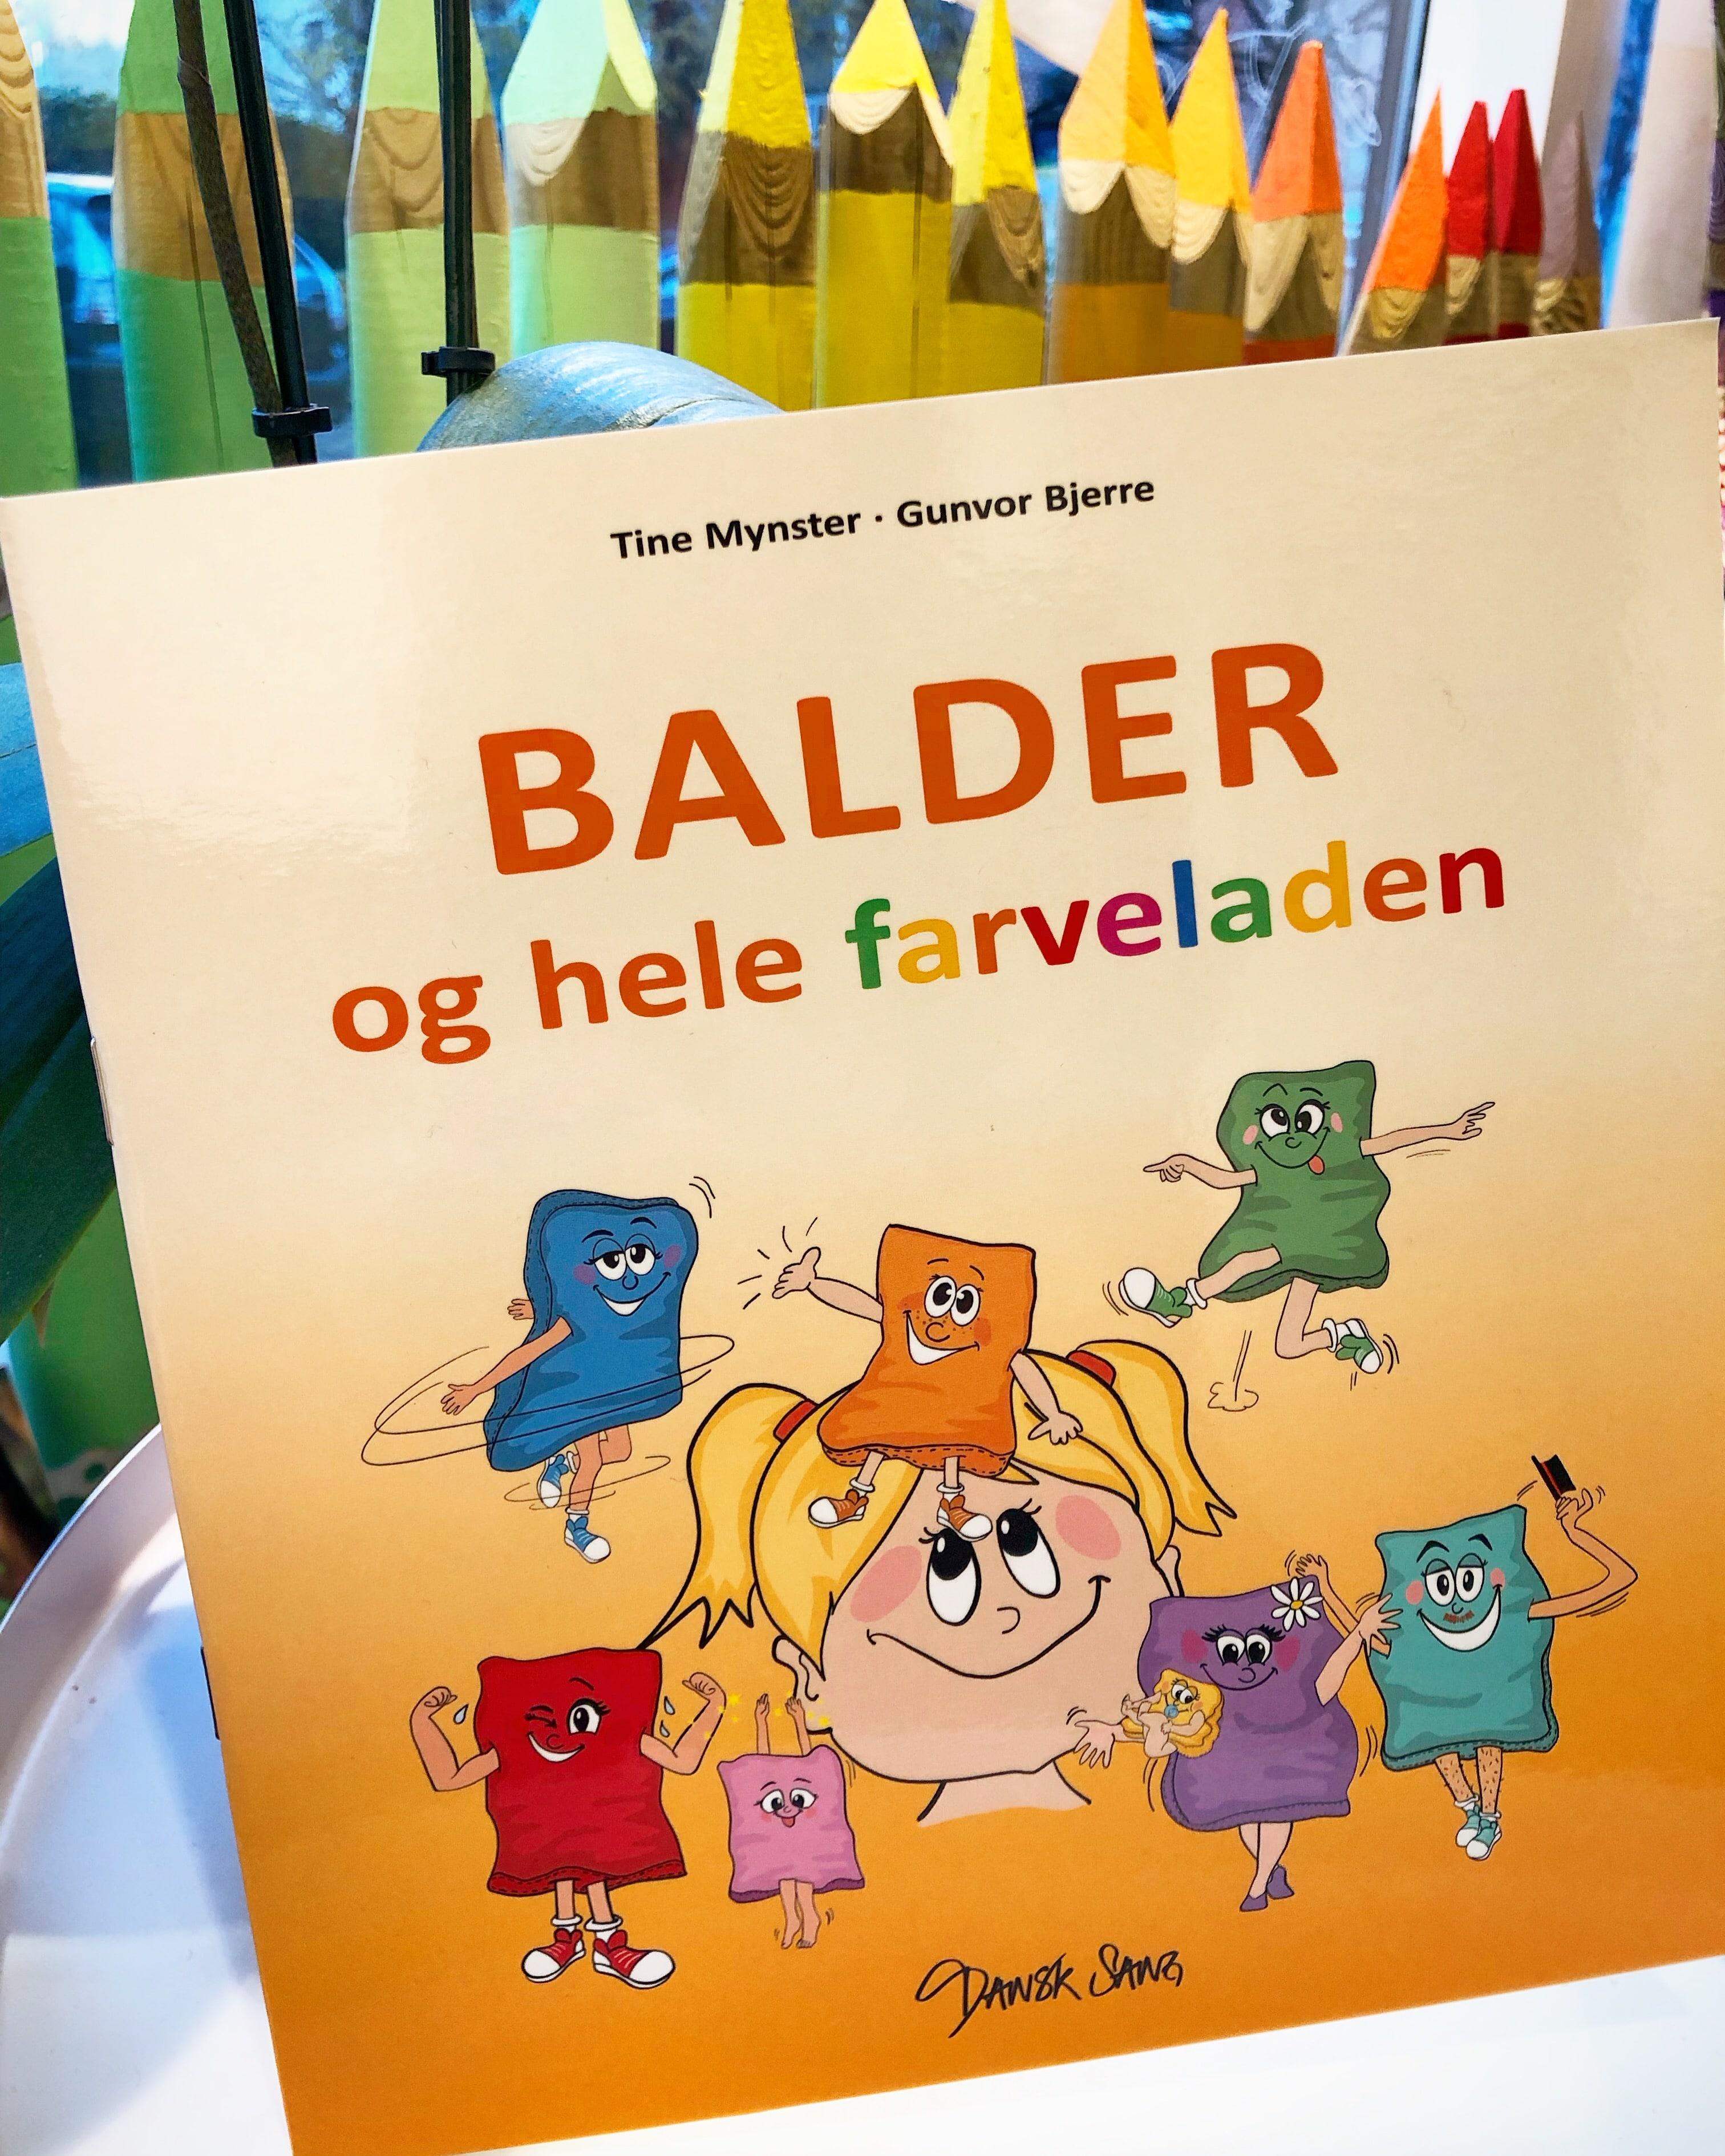 """Sangbogen """"Balder og hele farveladen"""" forfattet af Tine Mynster og Gunvor Bjerre og illustreret af Tegnestuen helleforhelle. Et musikalsk univers hvor den lille populære ærtepose Balder er i centrum"""